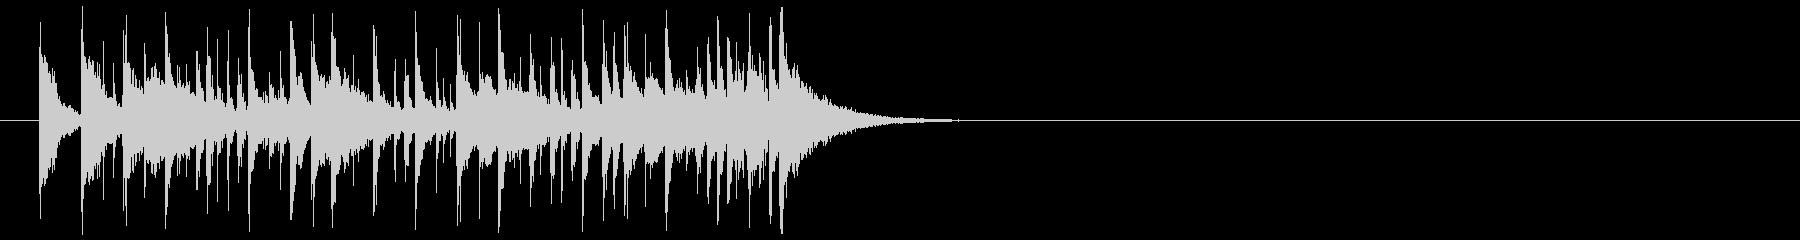 わくわくするシンセのラテン系ジングルの未再生の波形